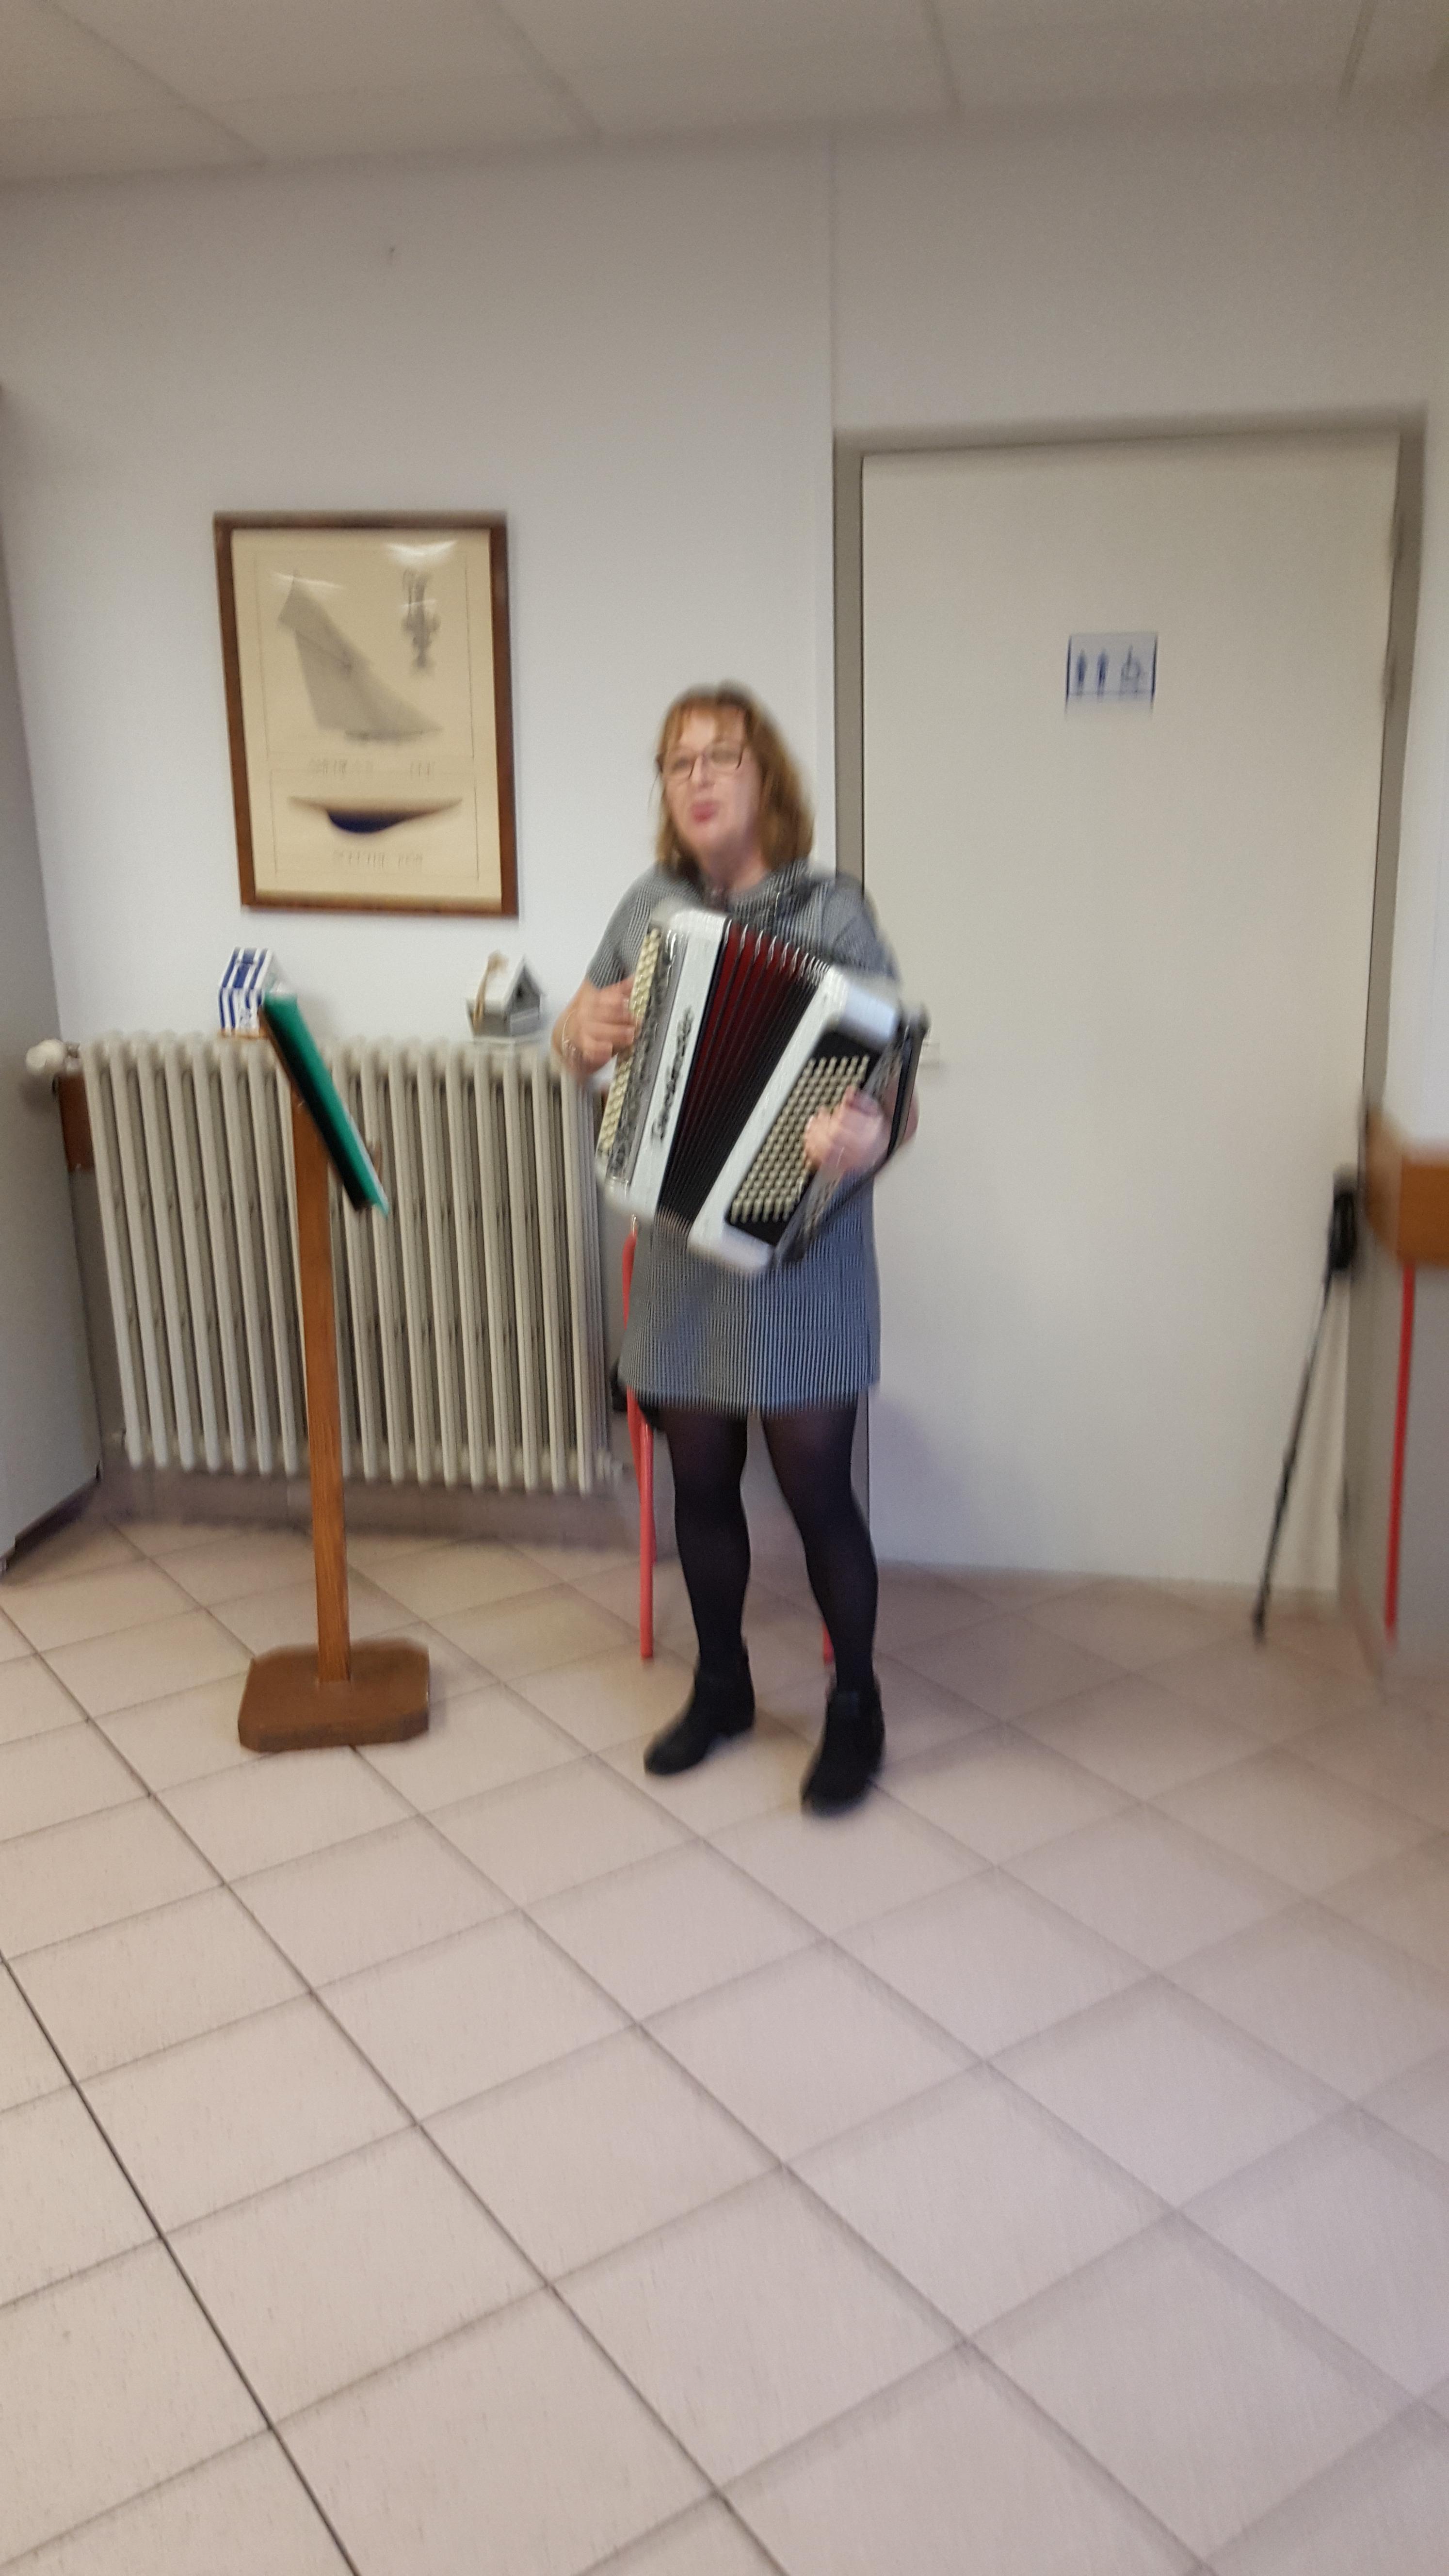 L'ambiance est confortée par Christine Blin, de Saint-Pair sur-Mer avec son accordéon …